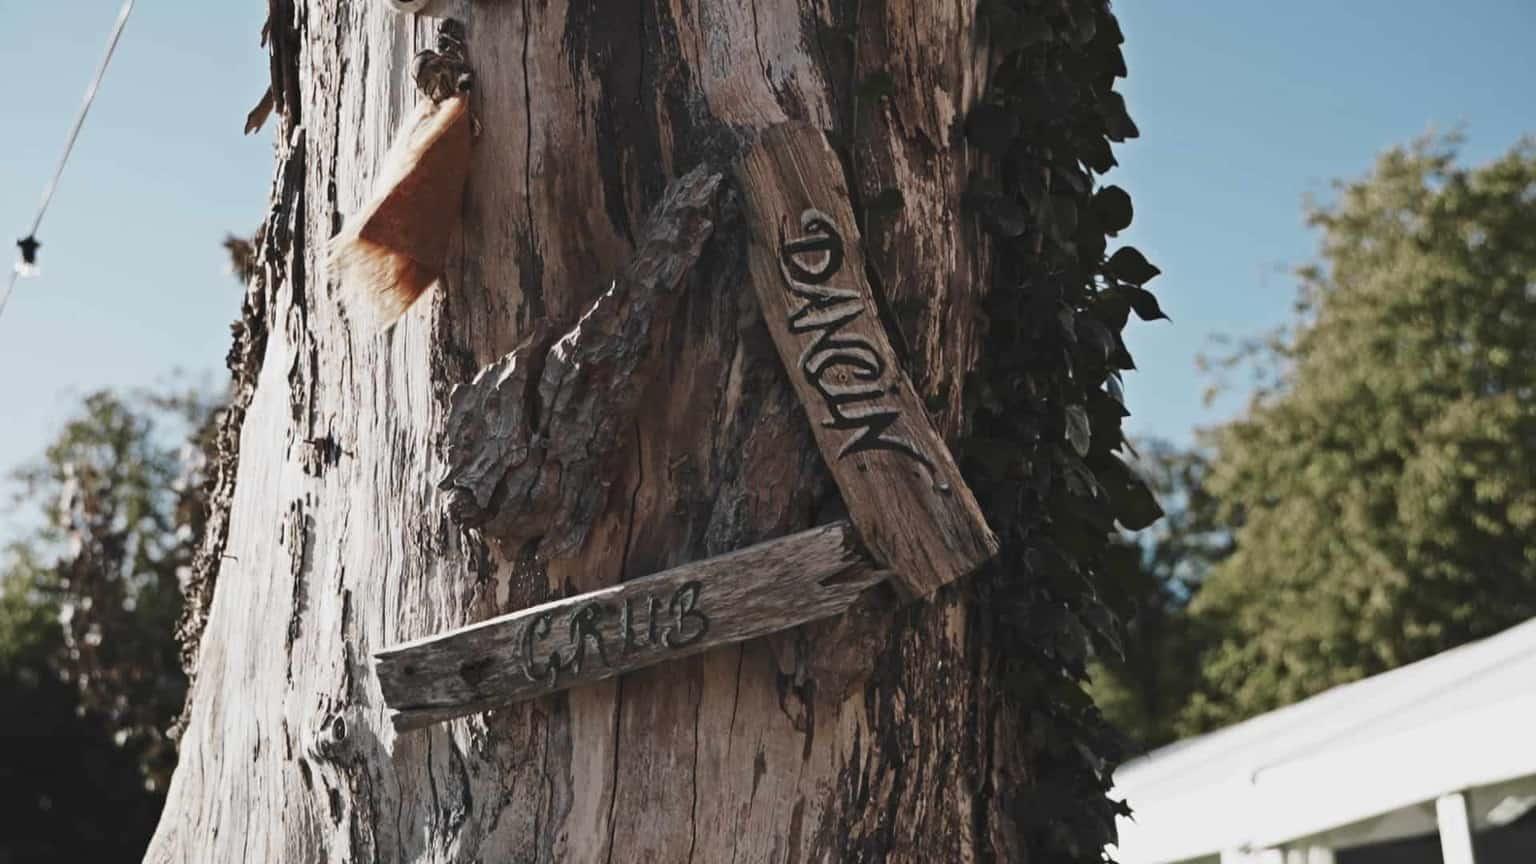 dancing signpost